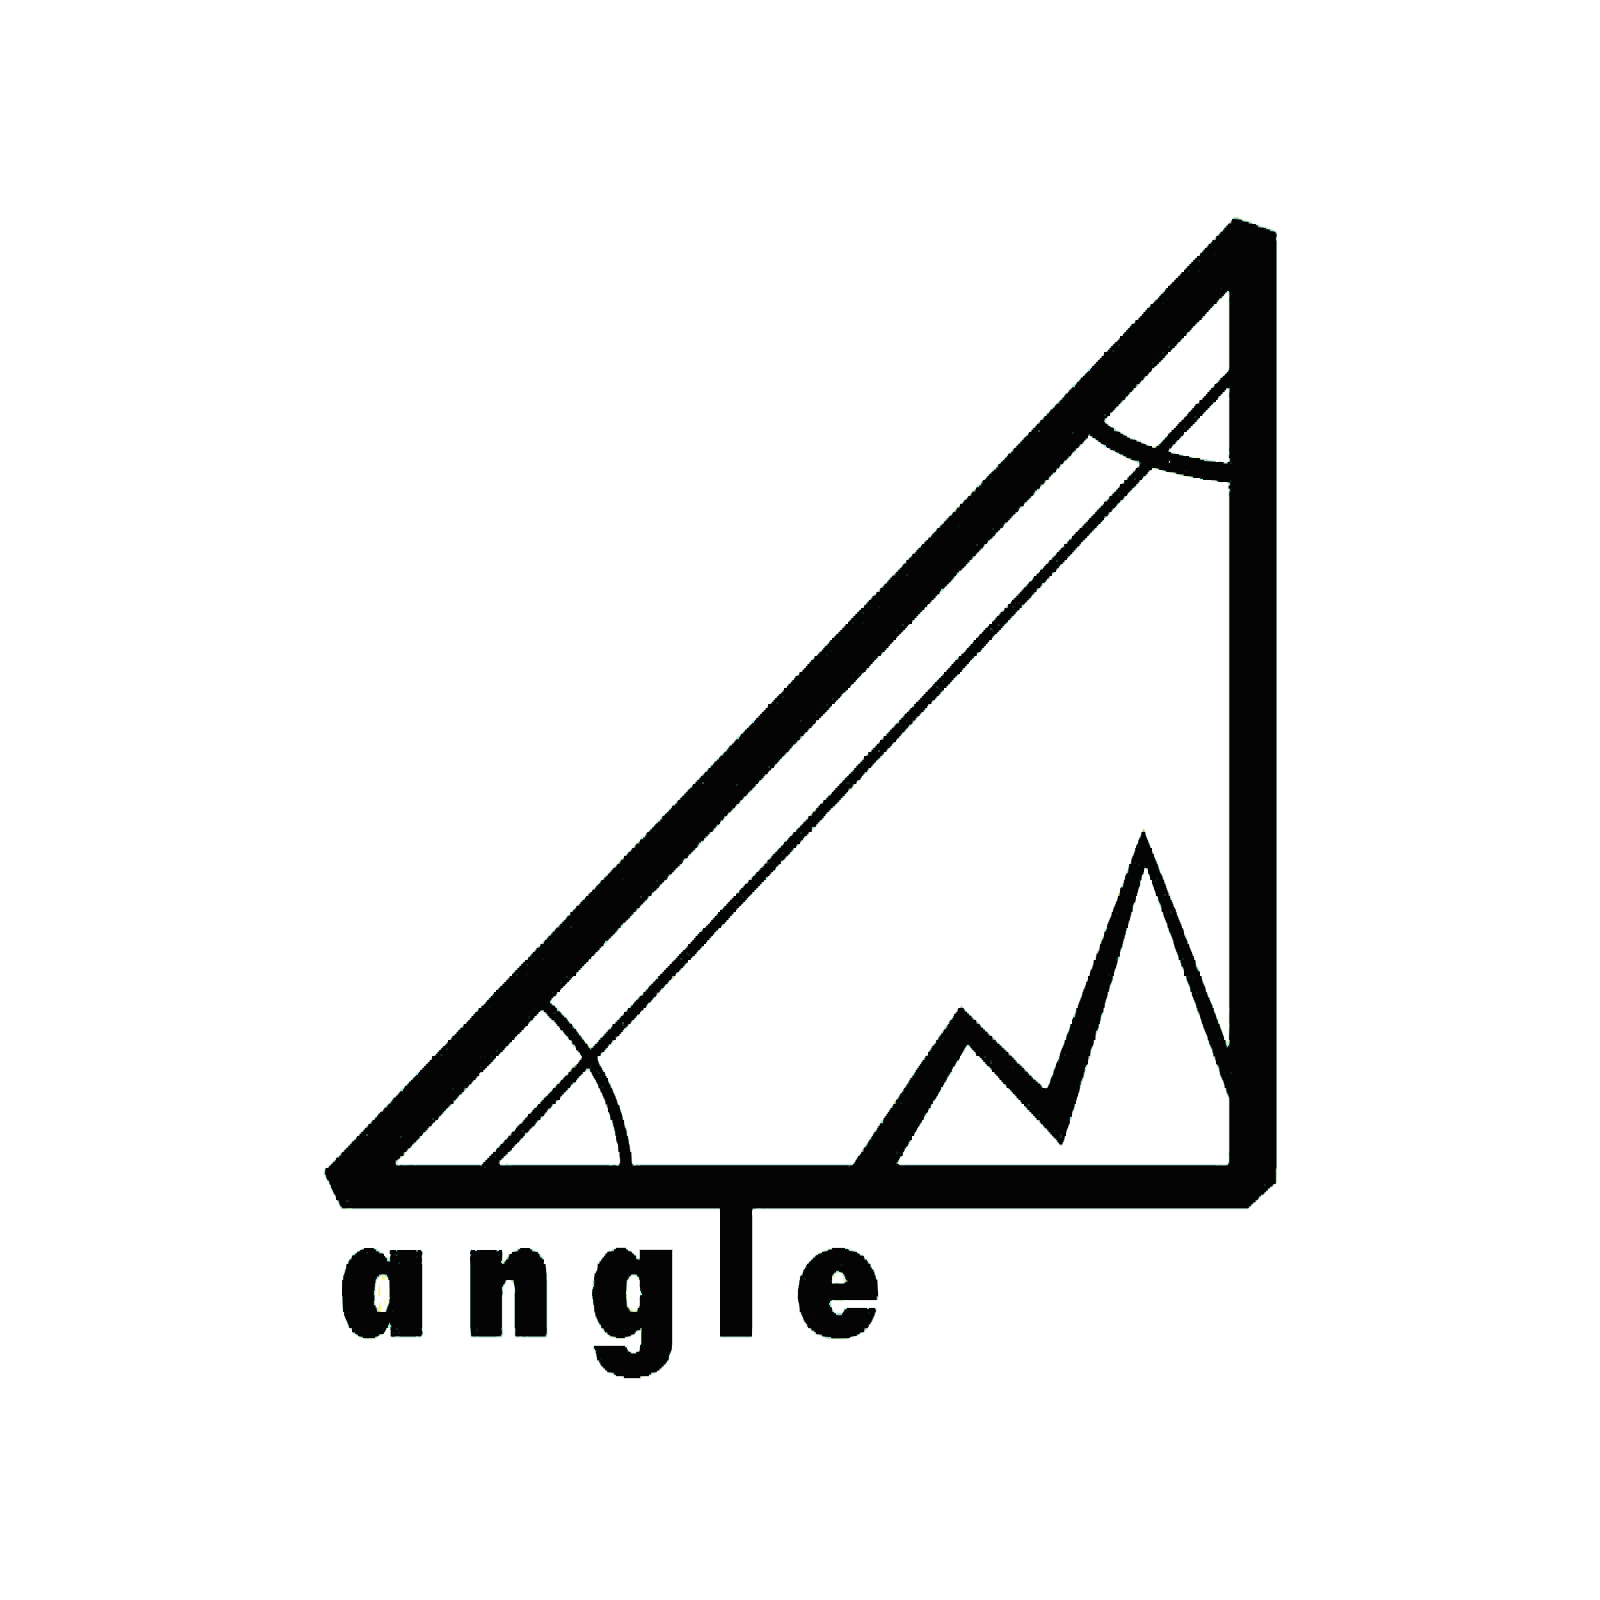 angleBW.png